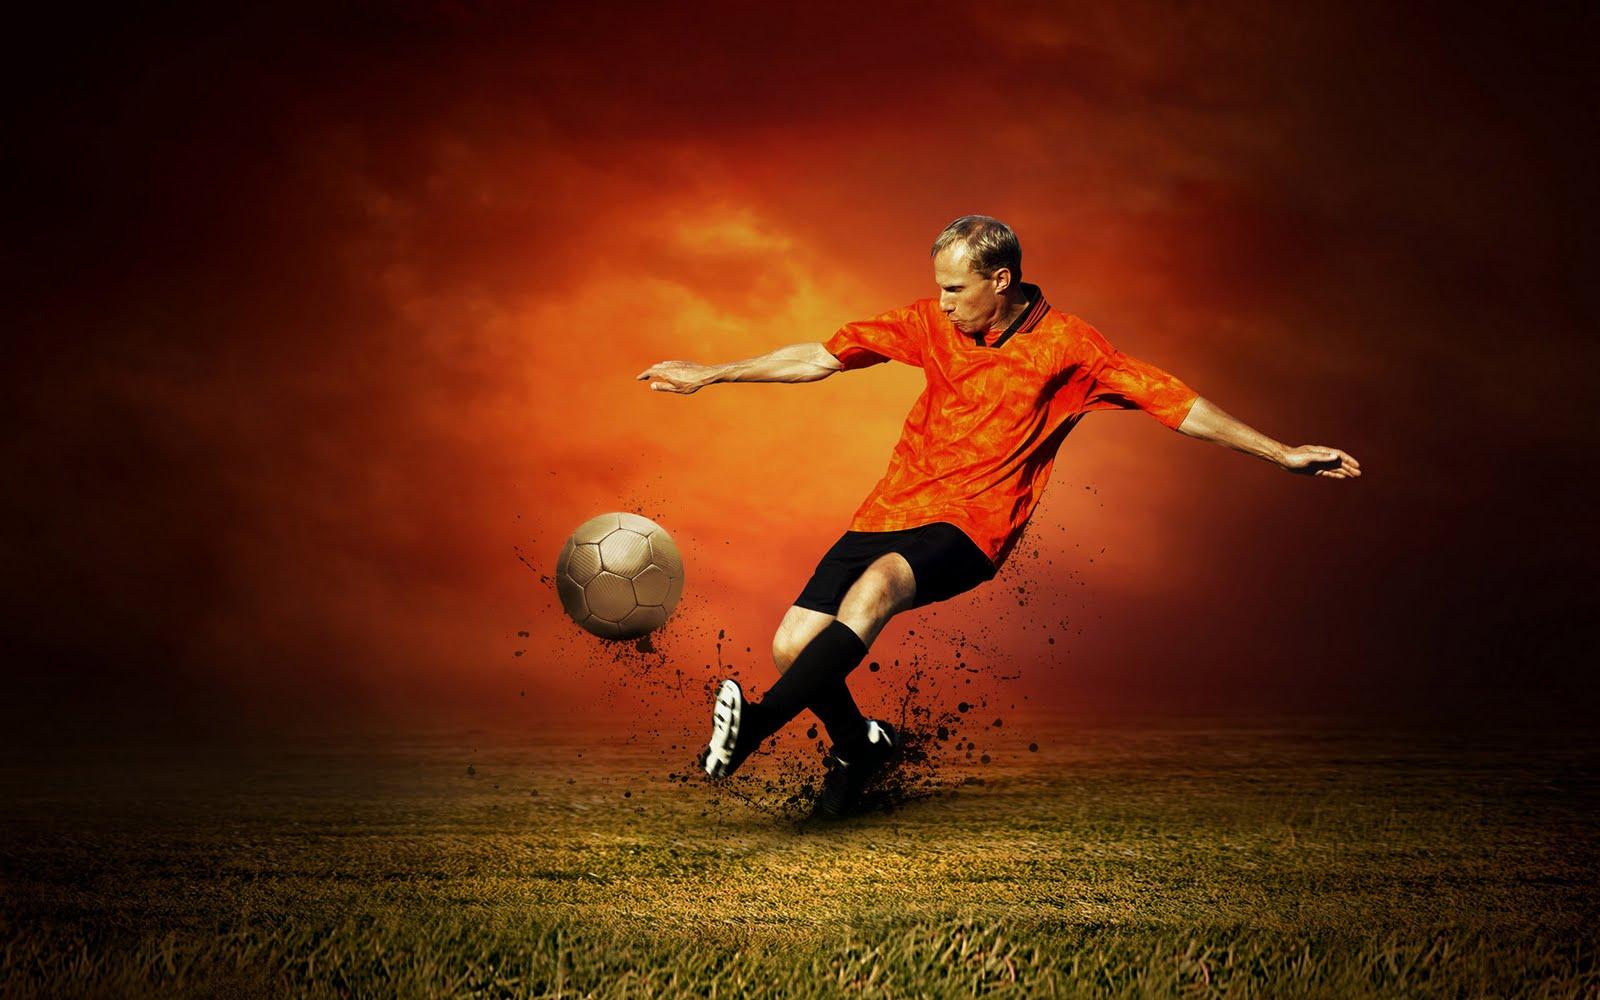 http://1.bp.blogspot.com/_JMdl-D4Jq6w/TDn8xMhJ1EI/AAAAAAAANGM/2tgF465_b5M/s1600/HD_Soccer_33.jpg